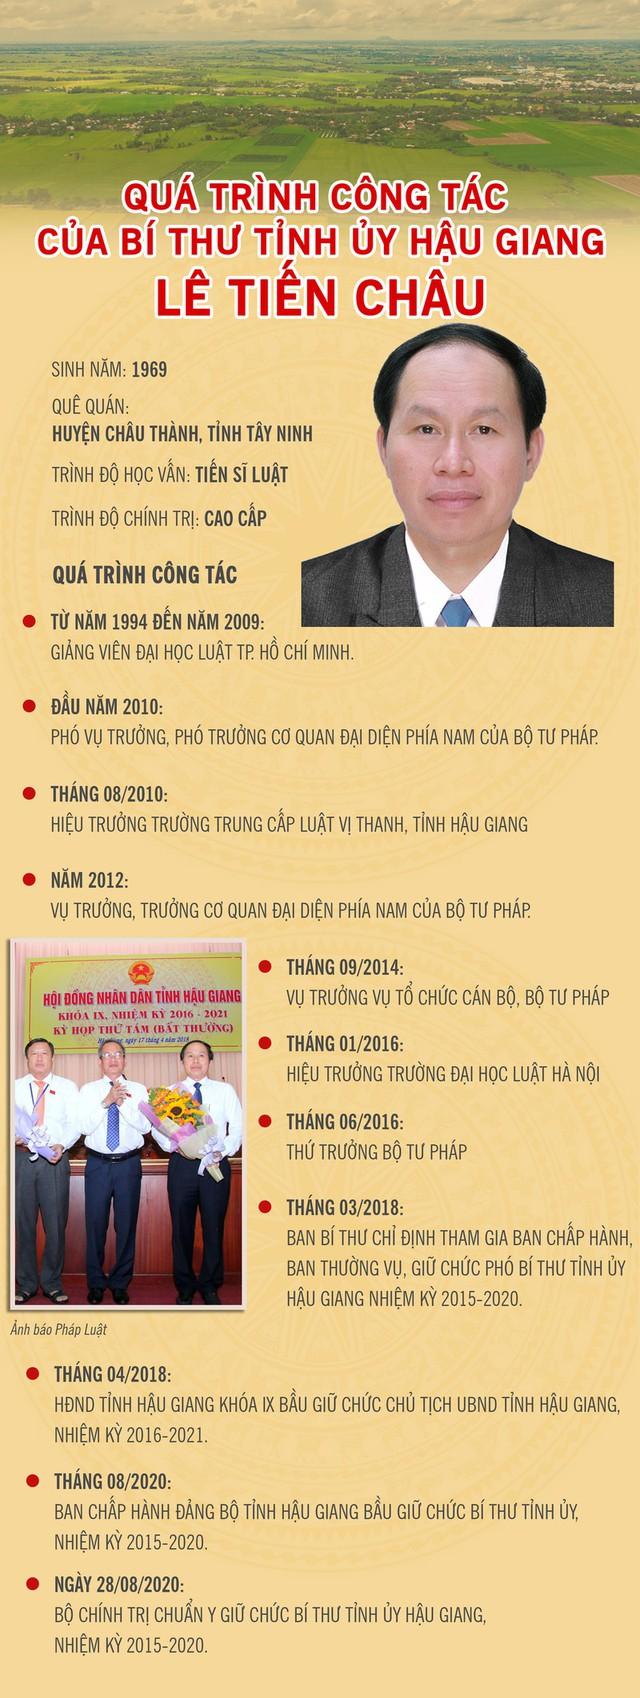 Sự nghiệp chính trị của tân Bí thư Tỉnh ủy Hậu Giang Lê Tiến Châu - Ảnh 1.